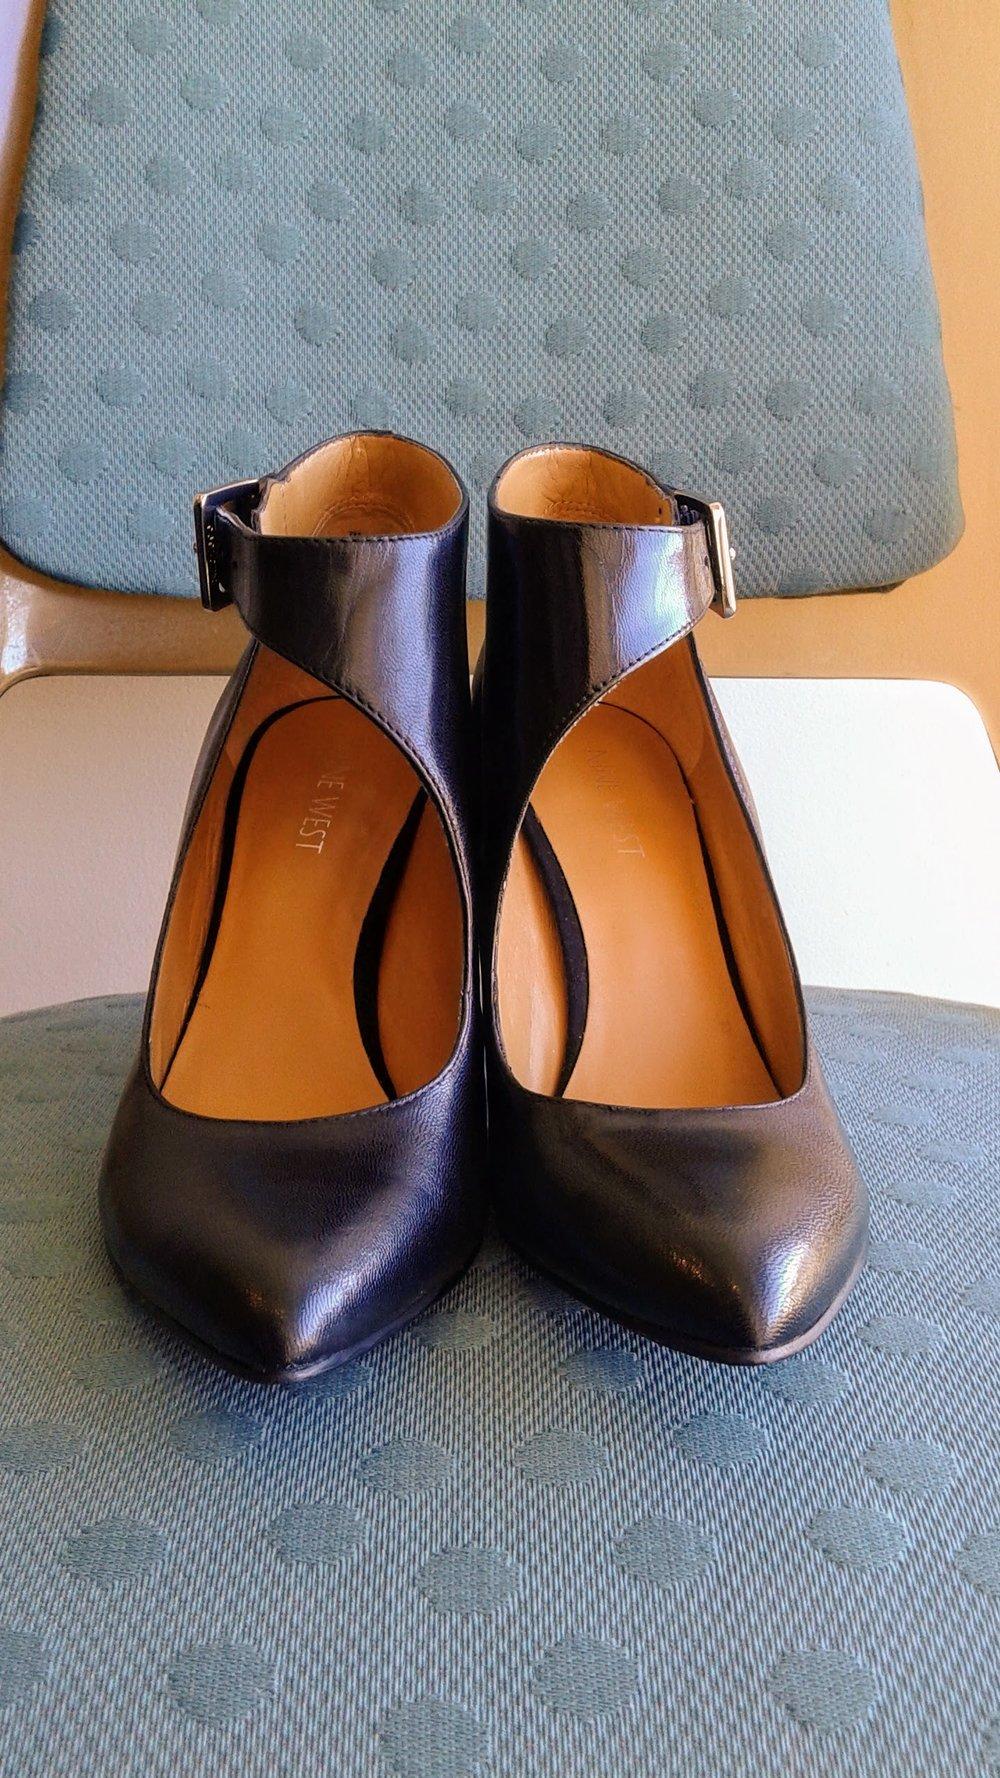 Nine West shoes; S7, $38